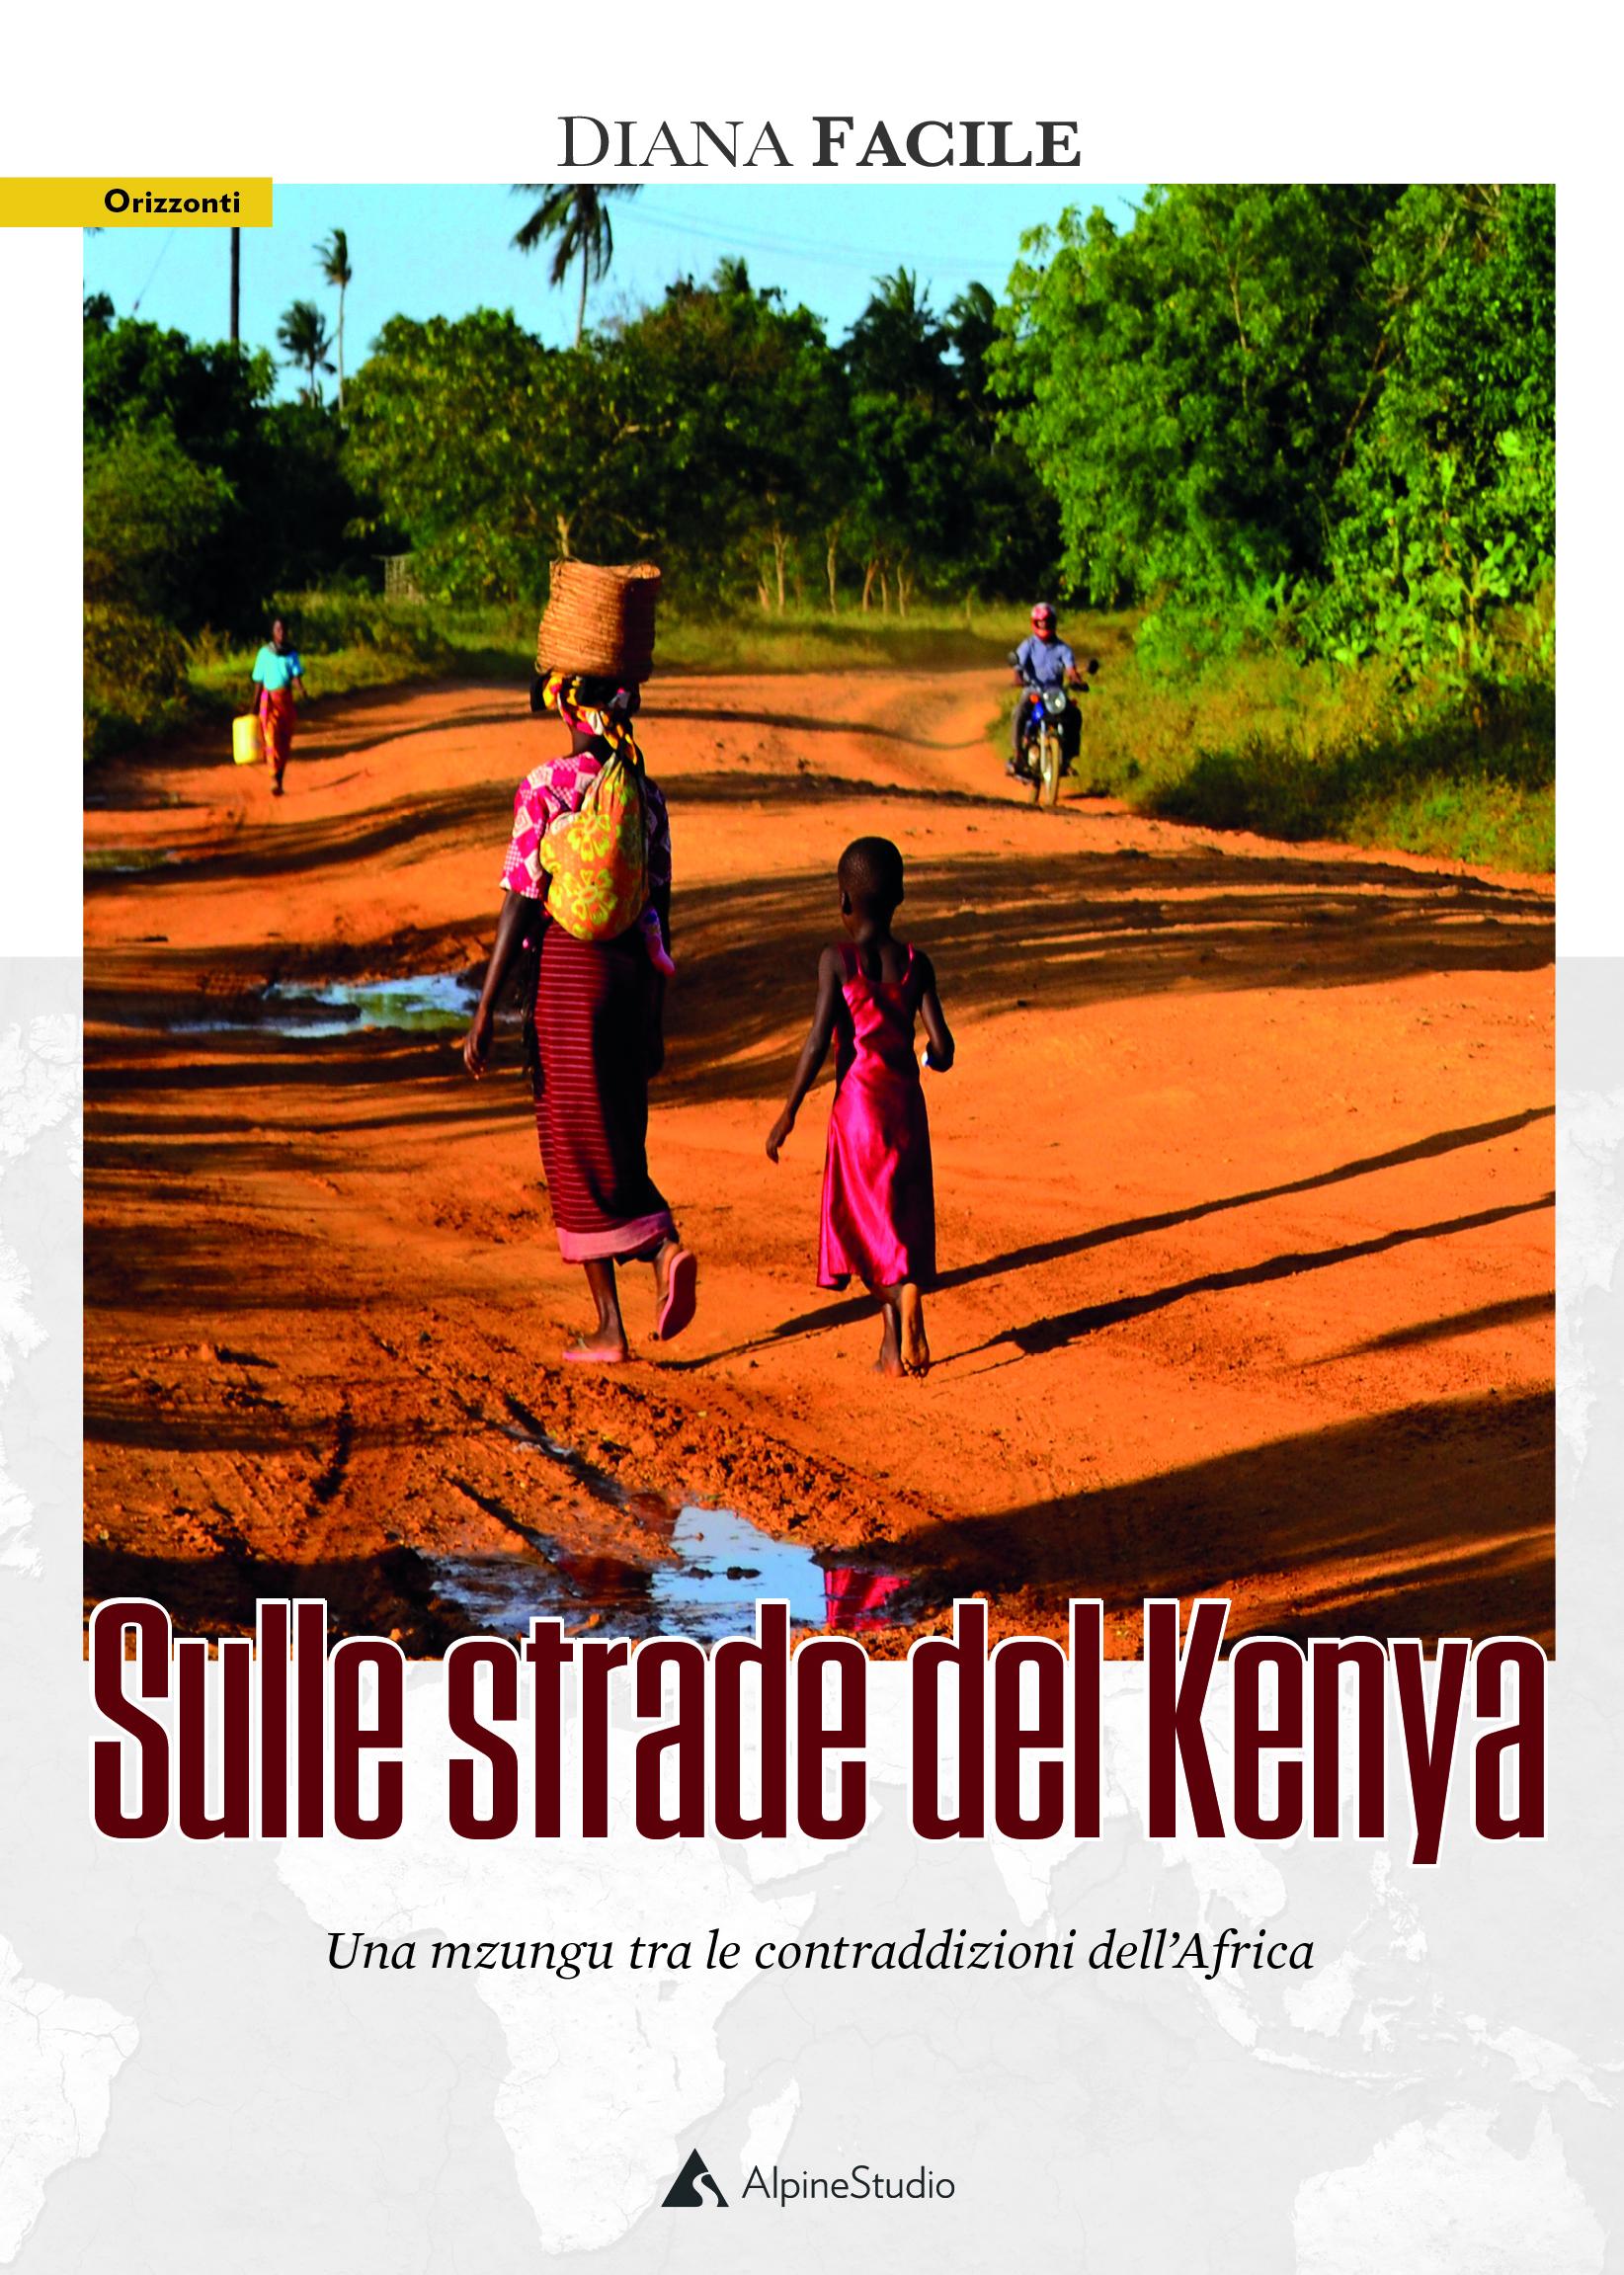 Sulle strade del Kenya. Una mzungu tra le contraddizioni dell'Africa di Diana Facile